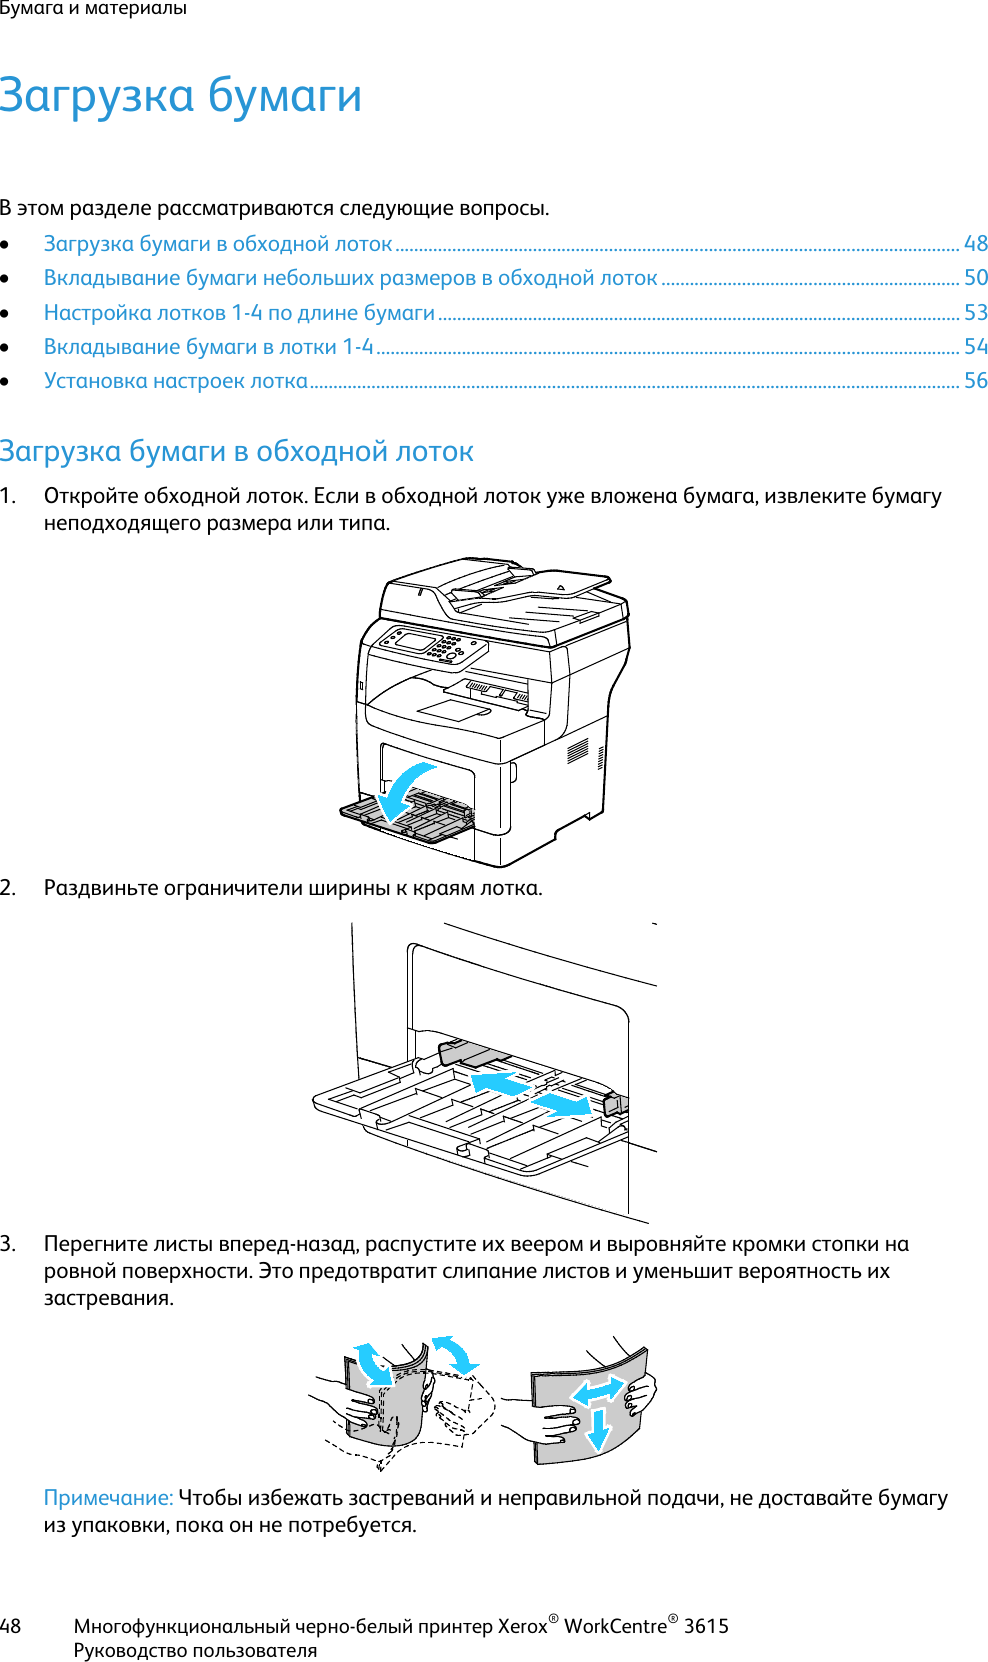 Блок формирования изображения 108R01151 черный Xerox Phaser 7100, 24 000  страниц - ГК Трикветра   1662x988